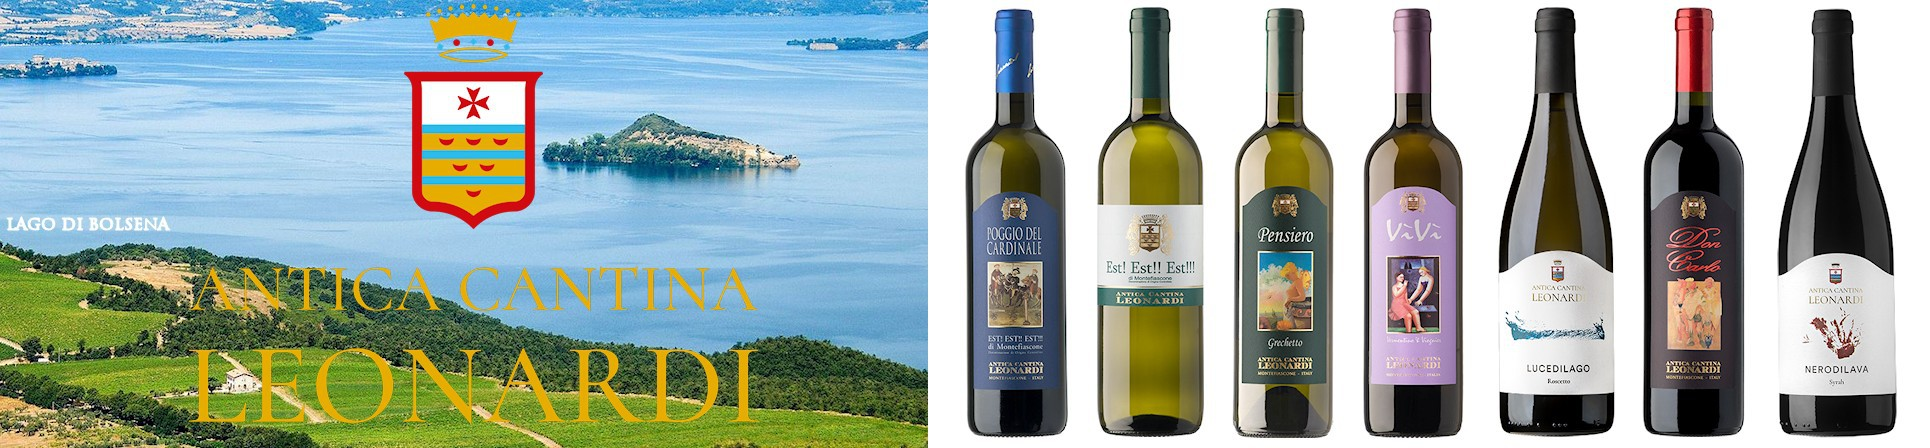 Est! Est! Est! Vini Dop Lazio, Lago di Bolsena, Vendita Online